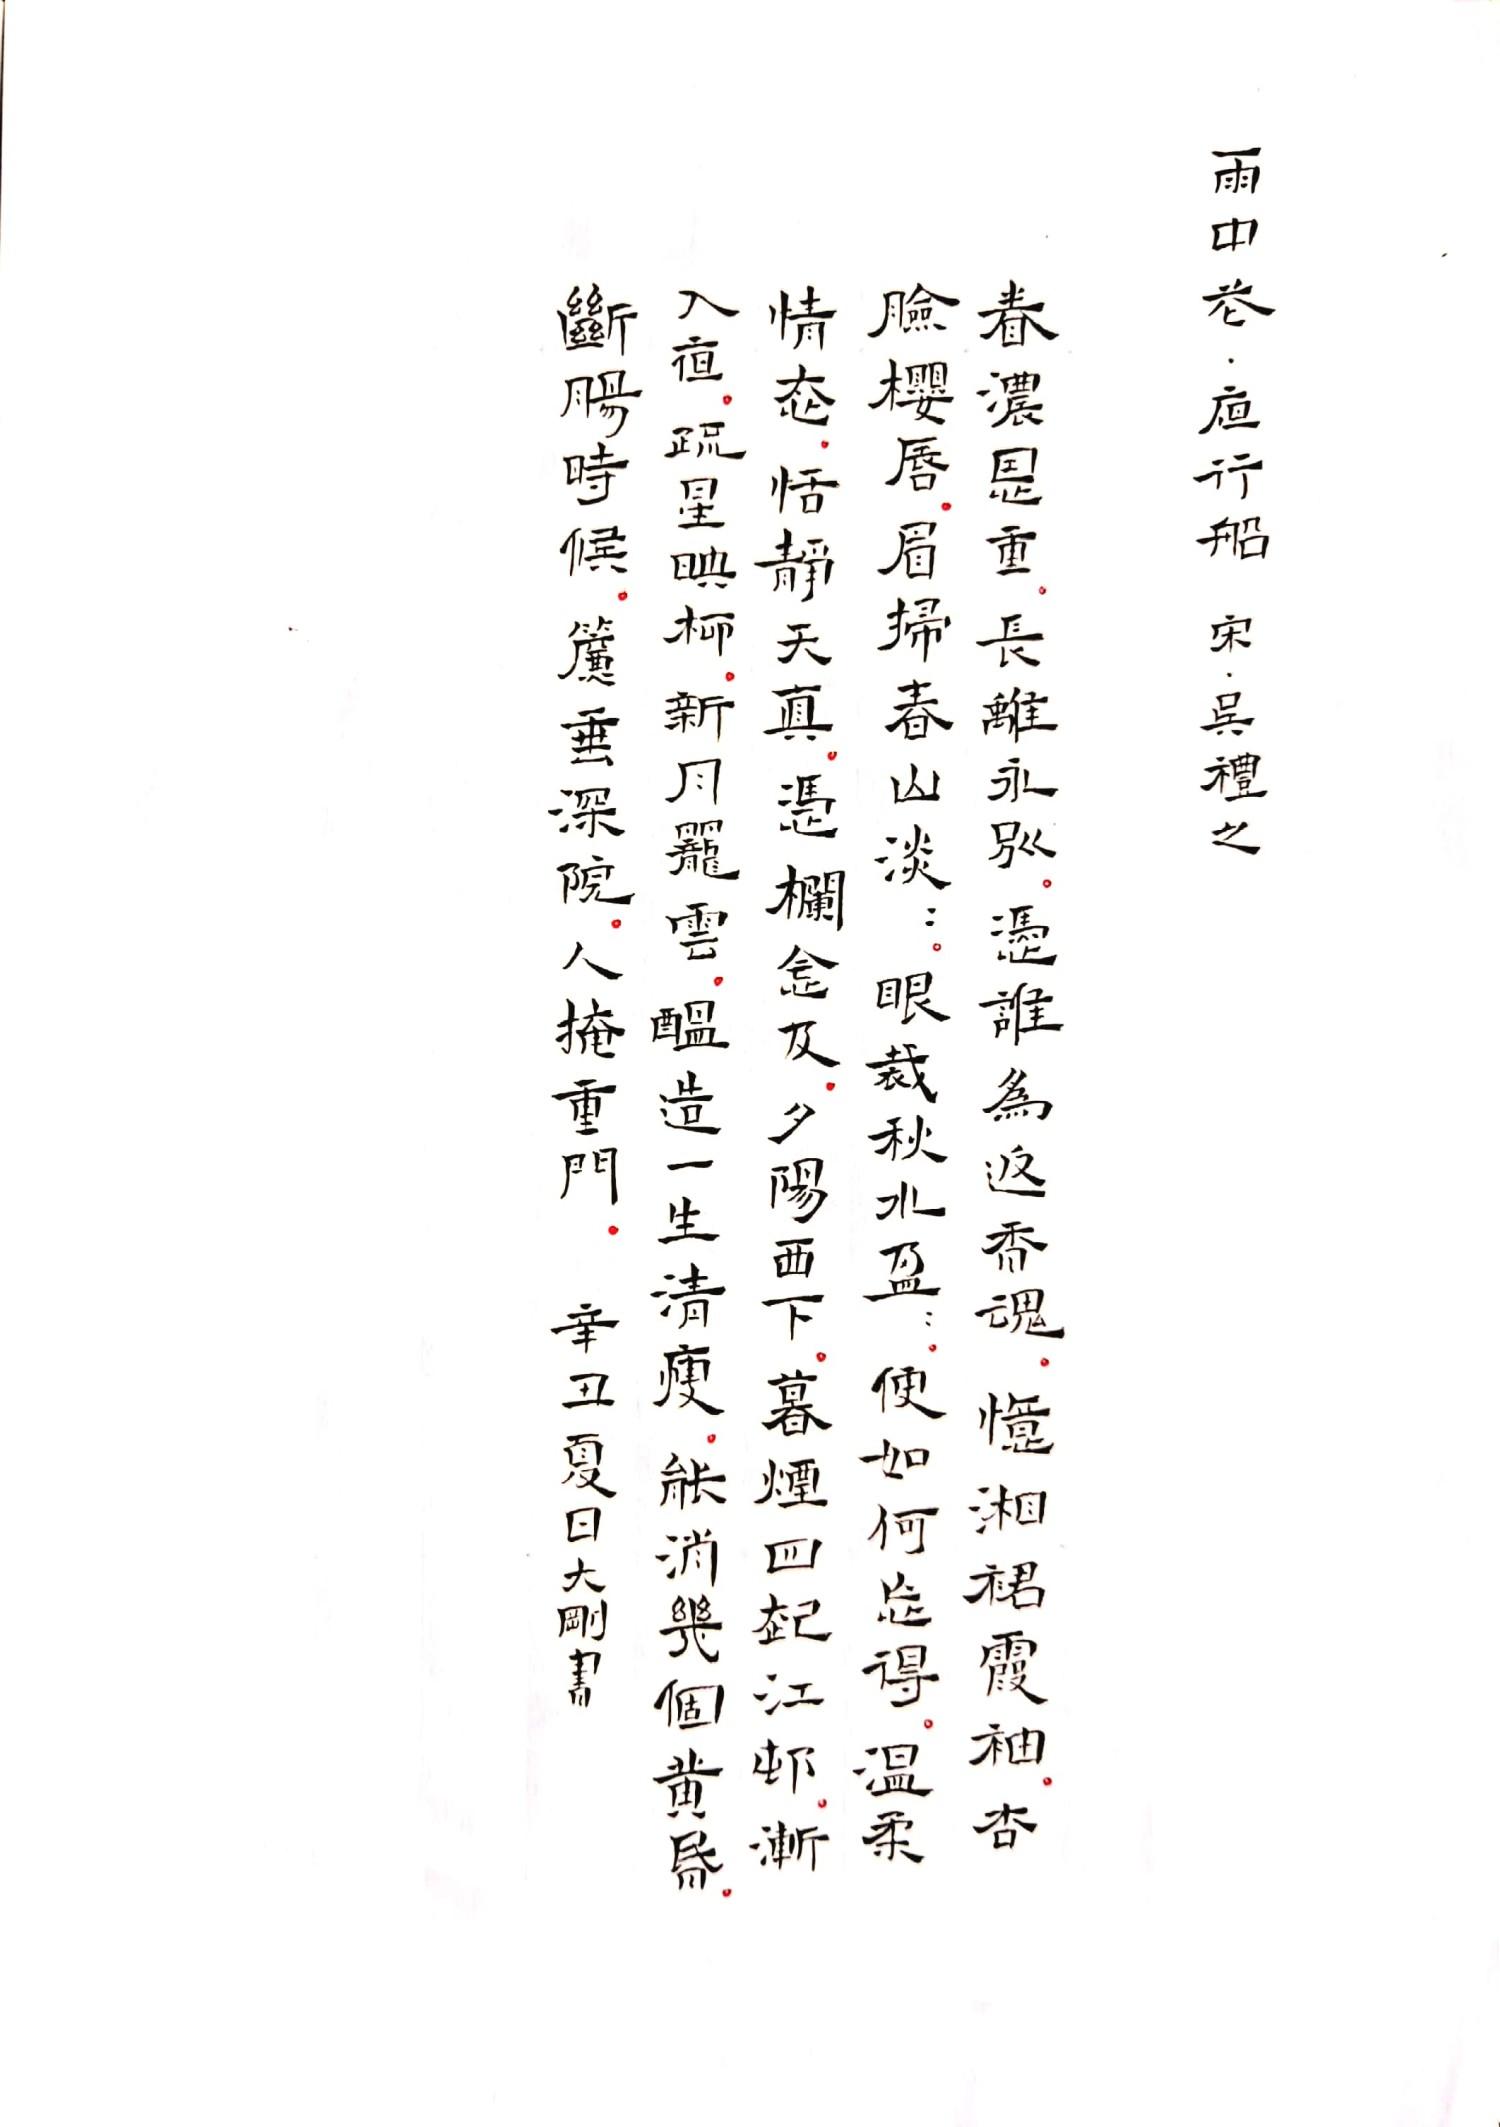 钢笔书法练字打卡20210518-33